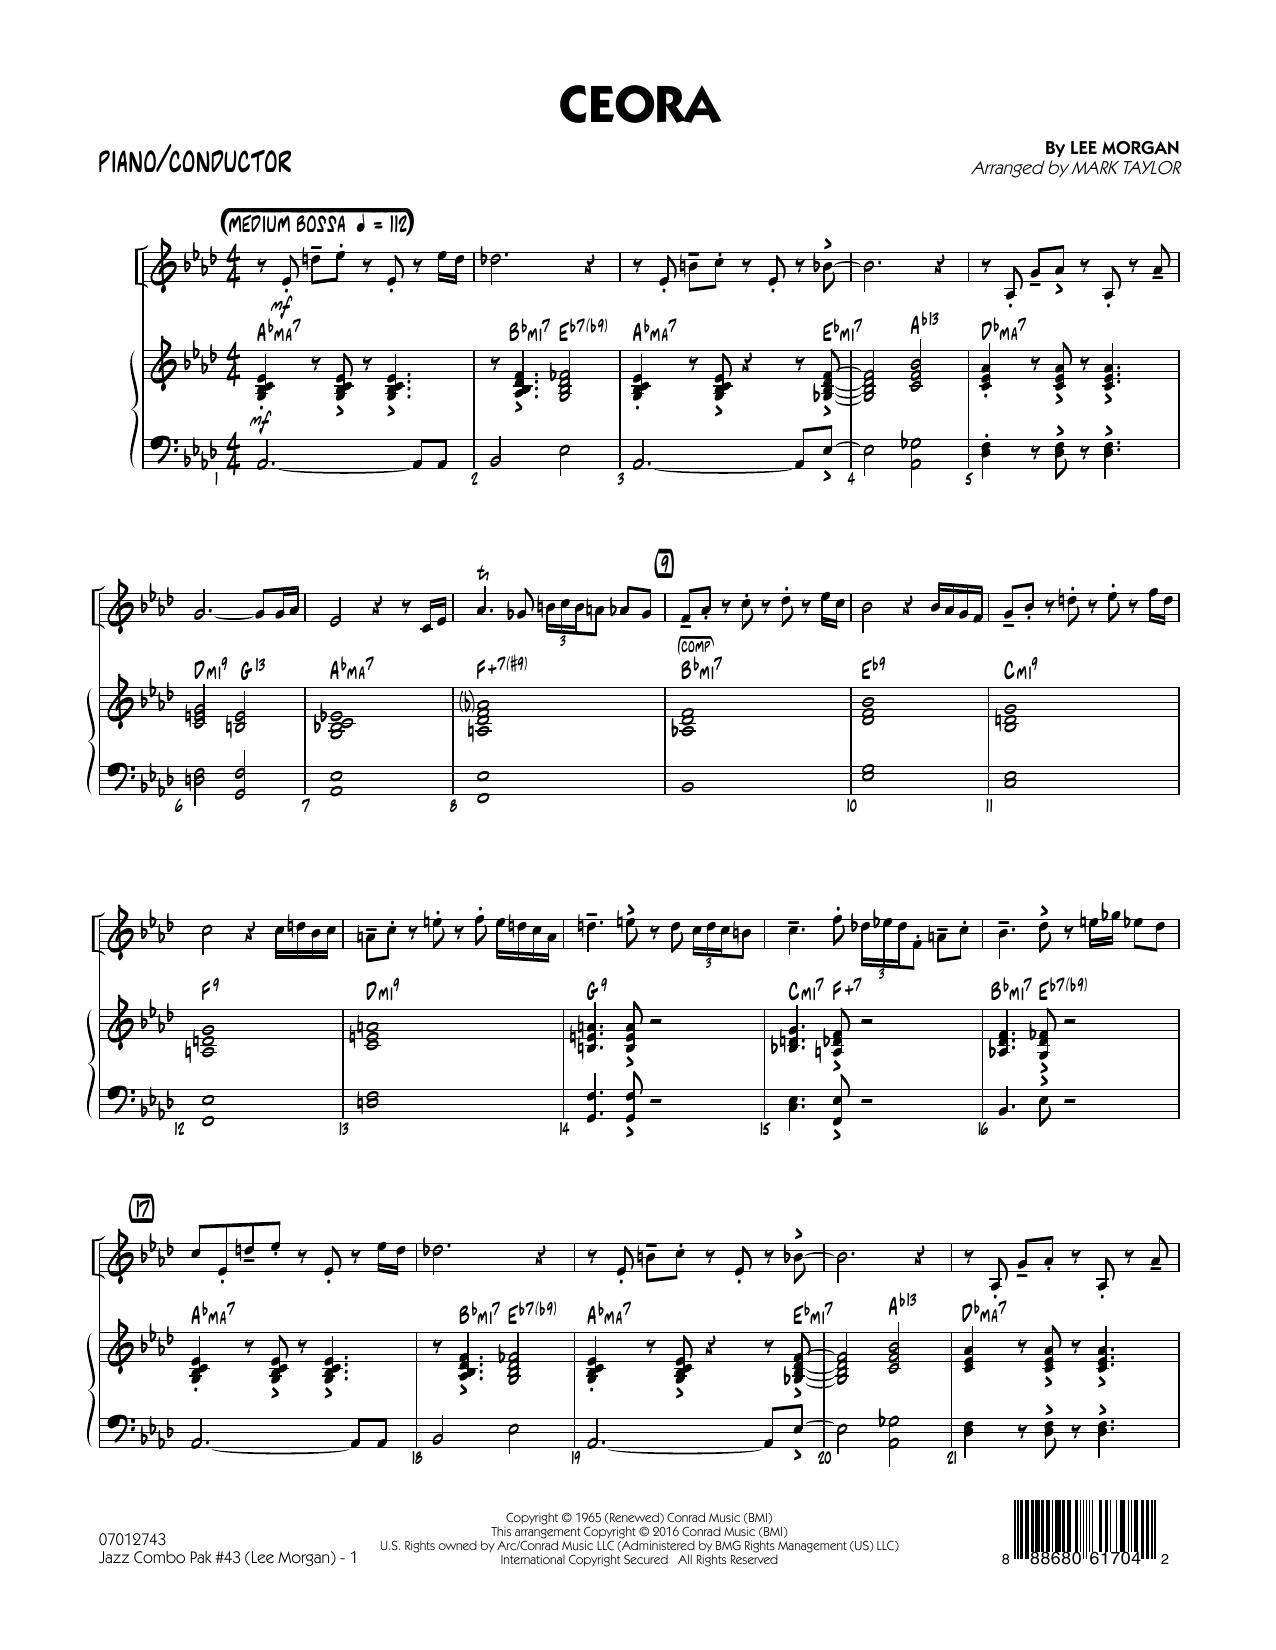 Lee Morgan - Jazz Combo Pak #43 (Lee Morgan) - Piano/Conductor